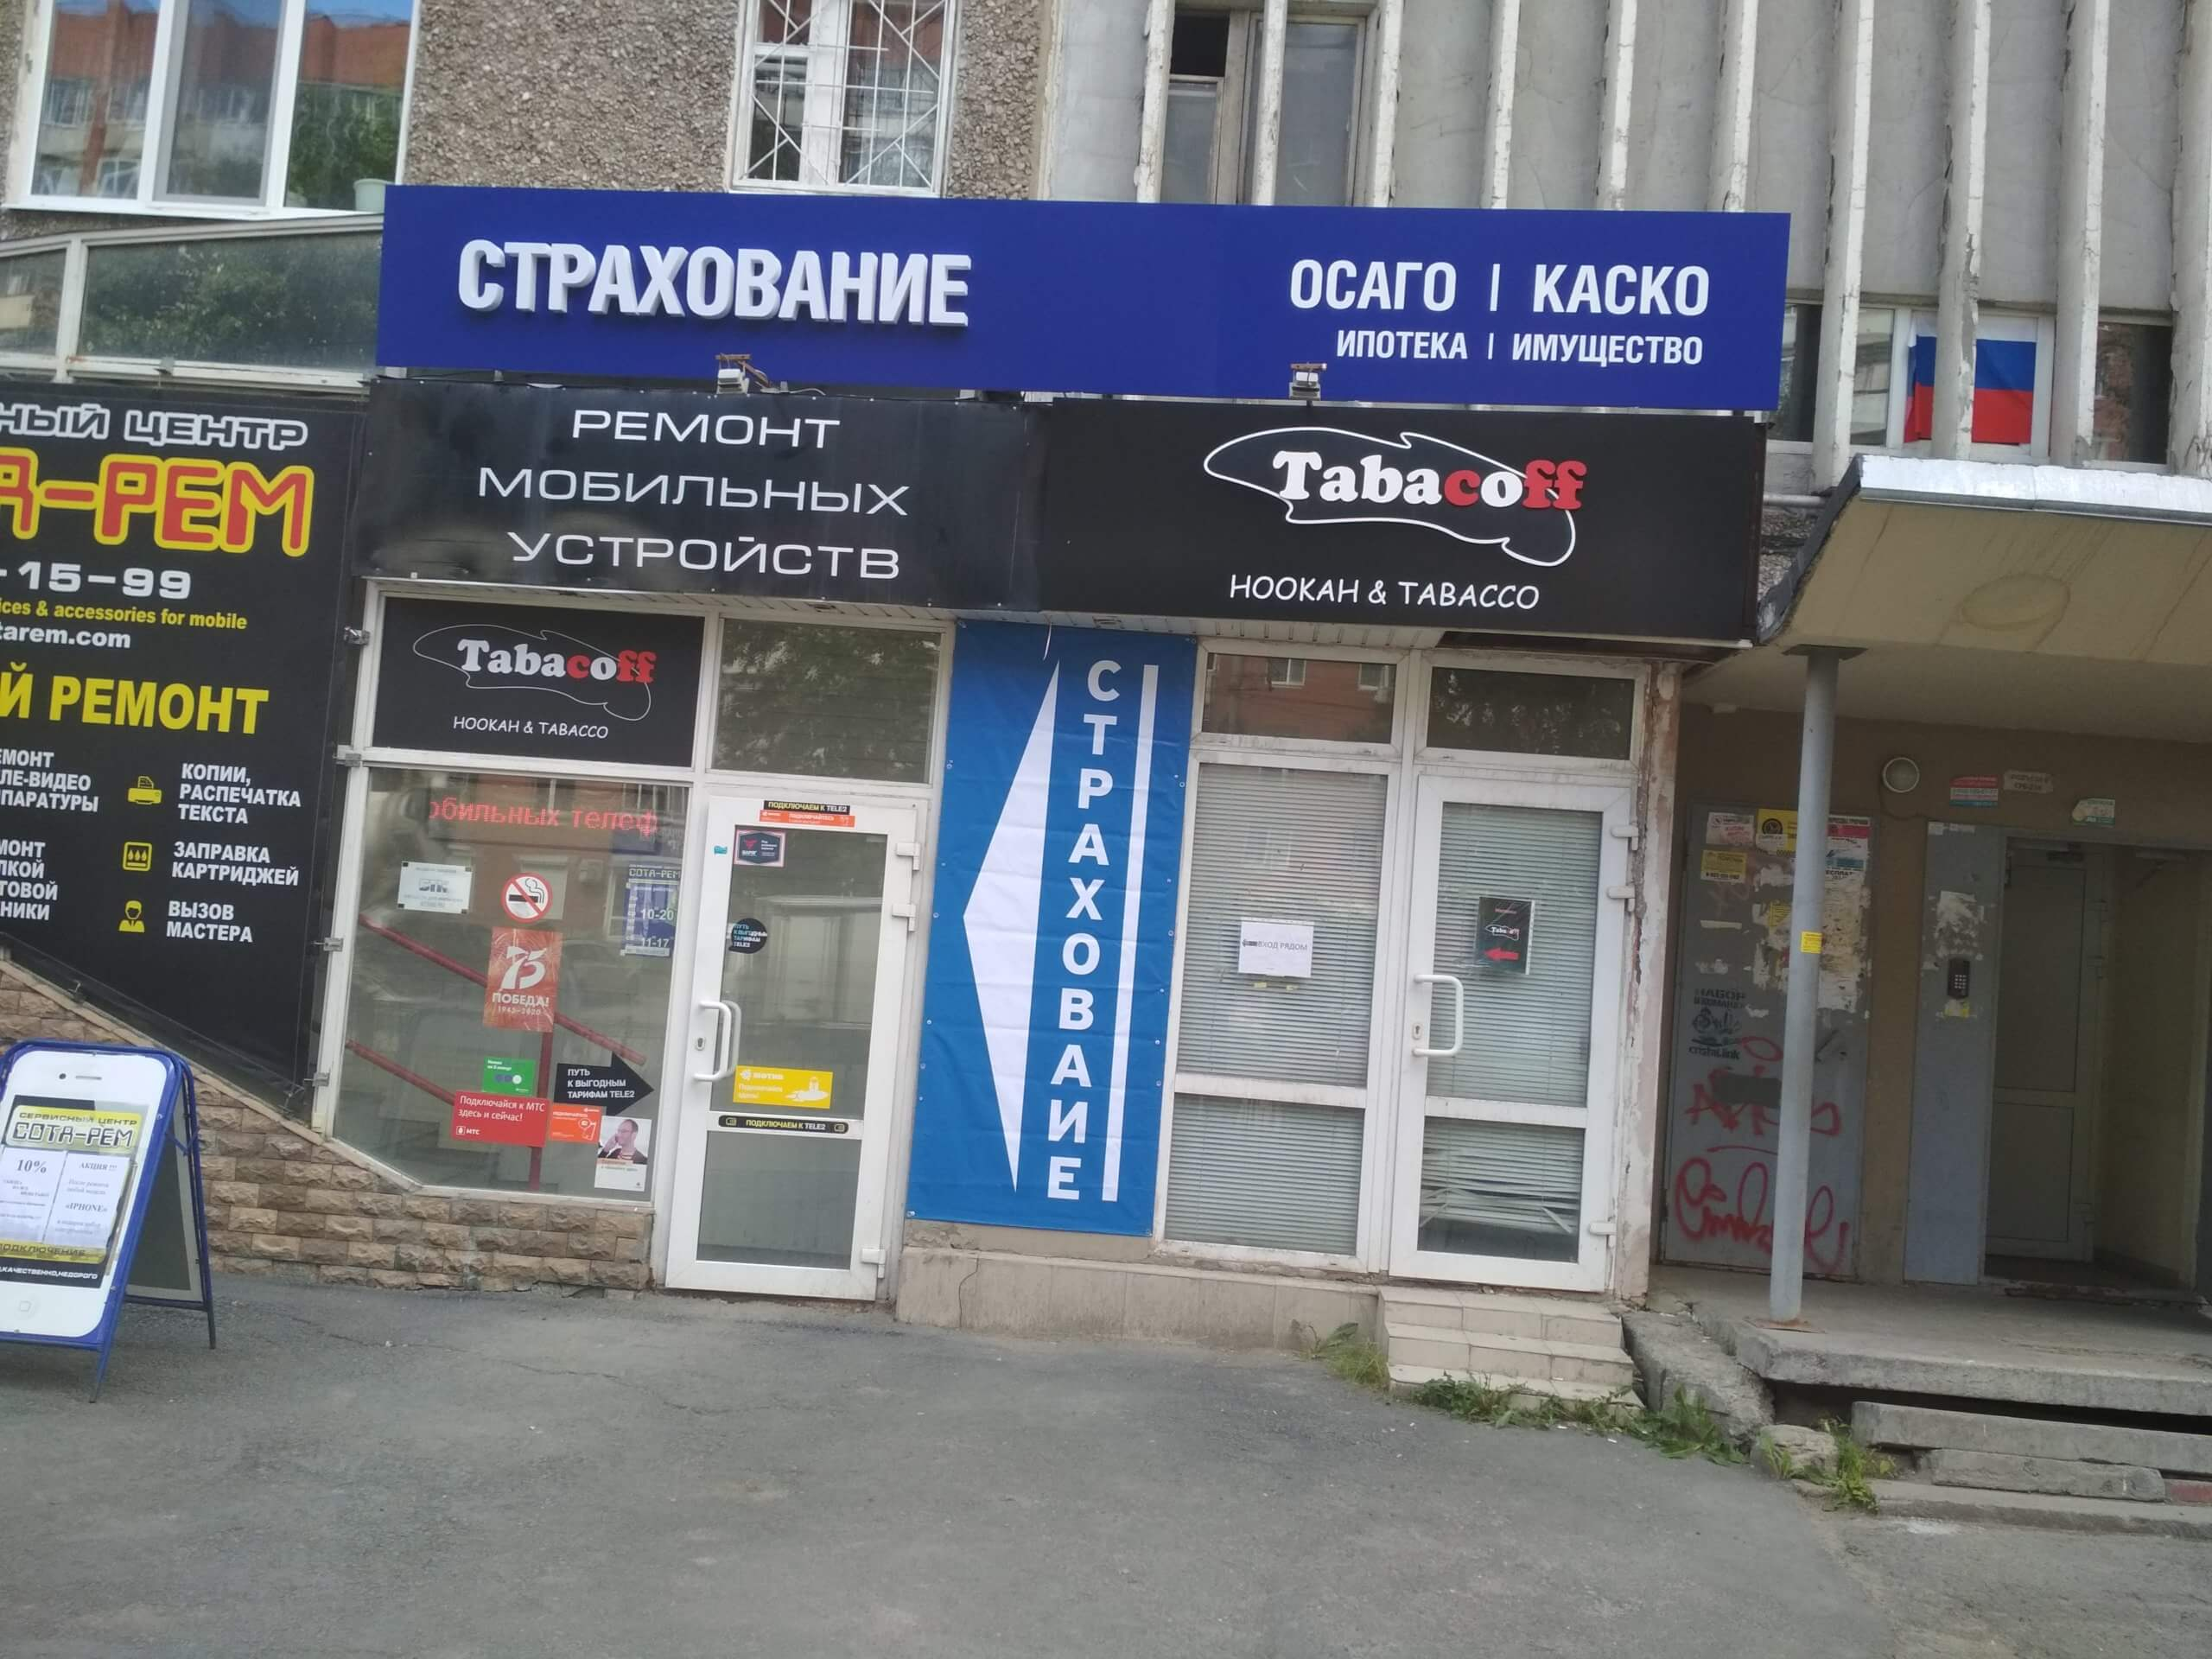 Страхование Сулимова0